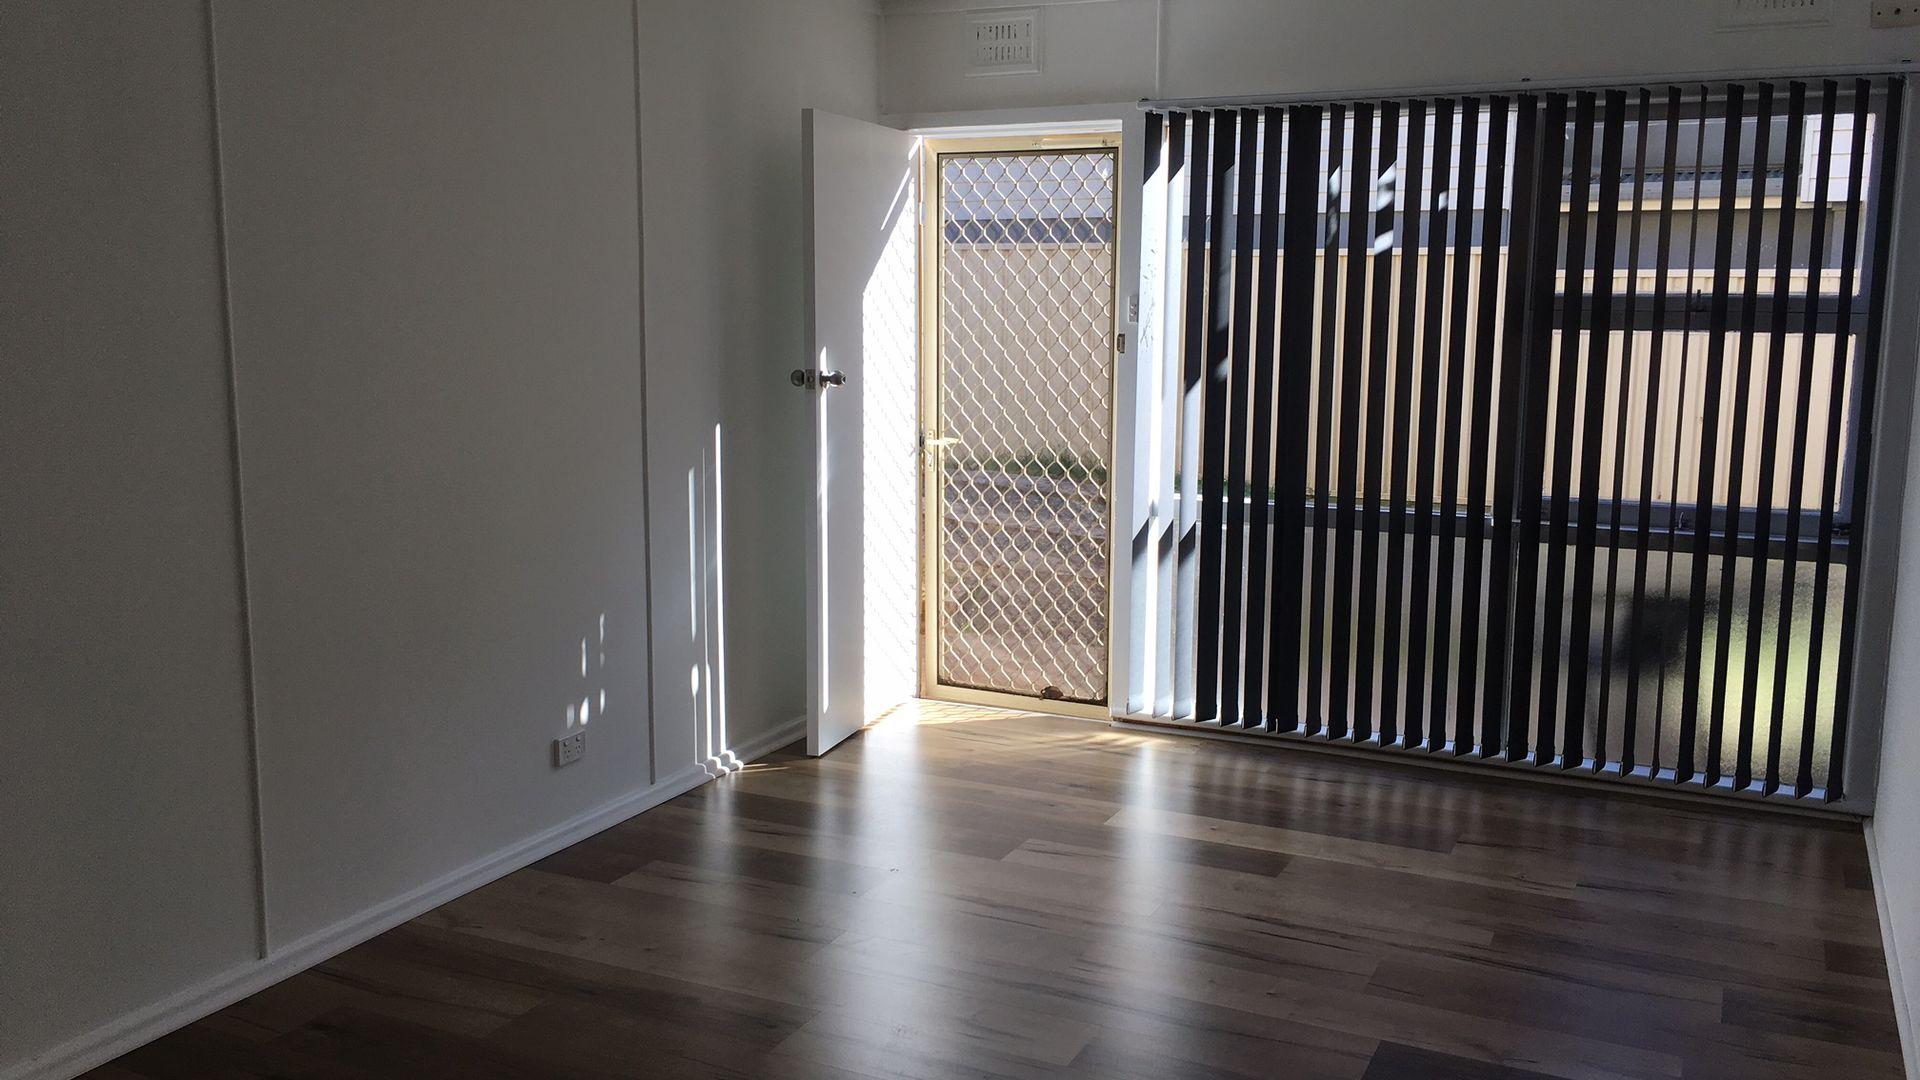 2/11 Crisallen Street, Port Macquarie NSW 2444, Image 7